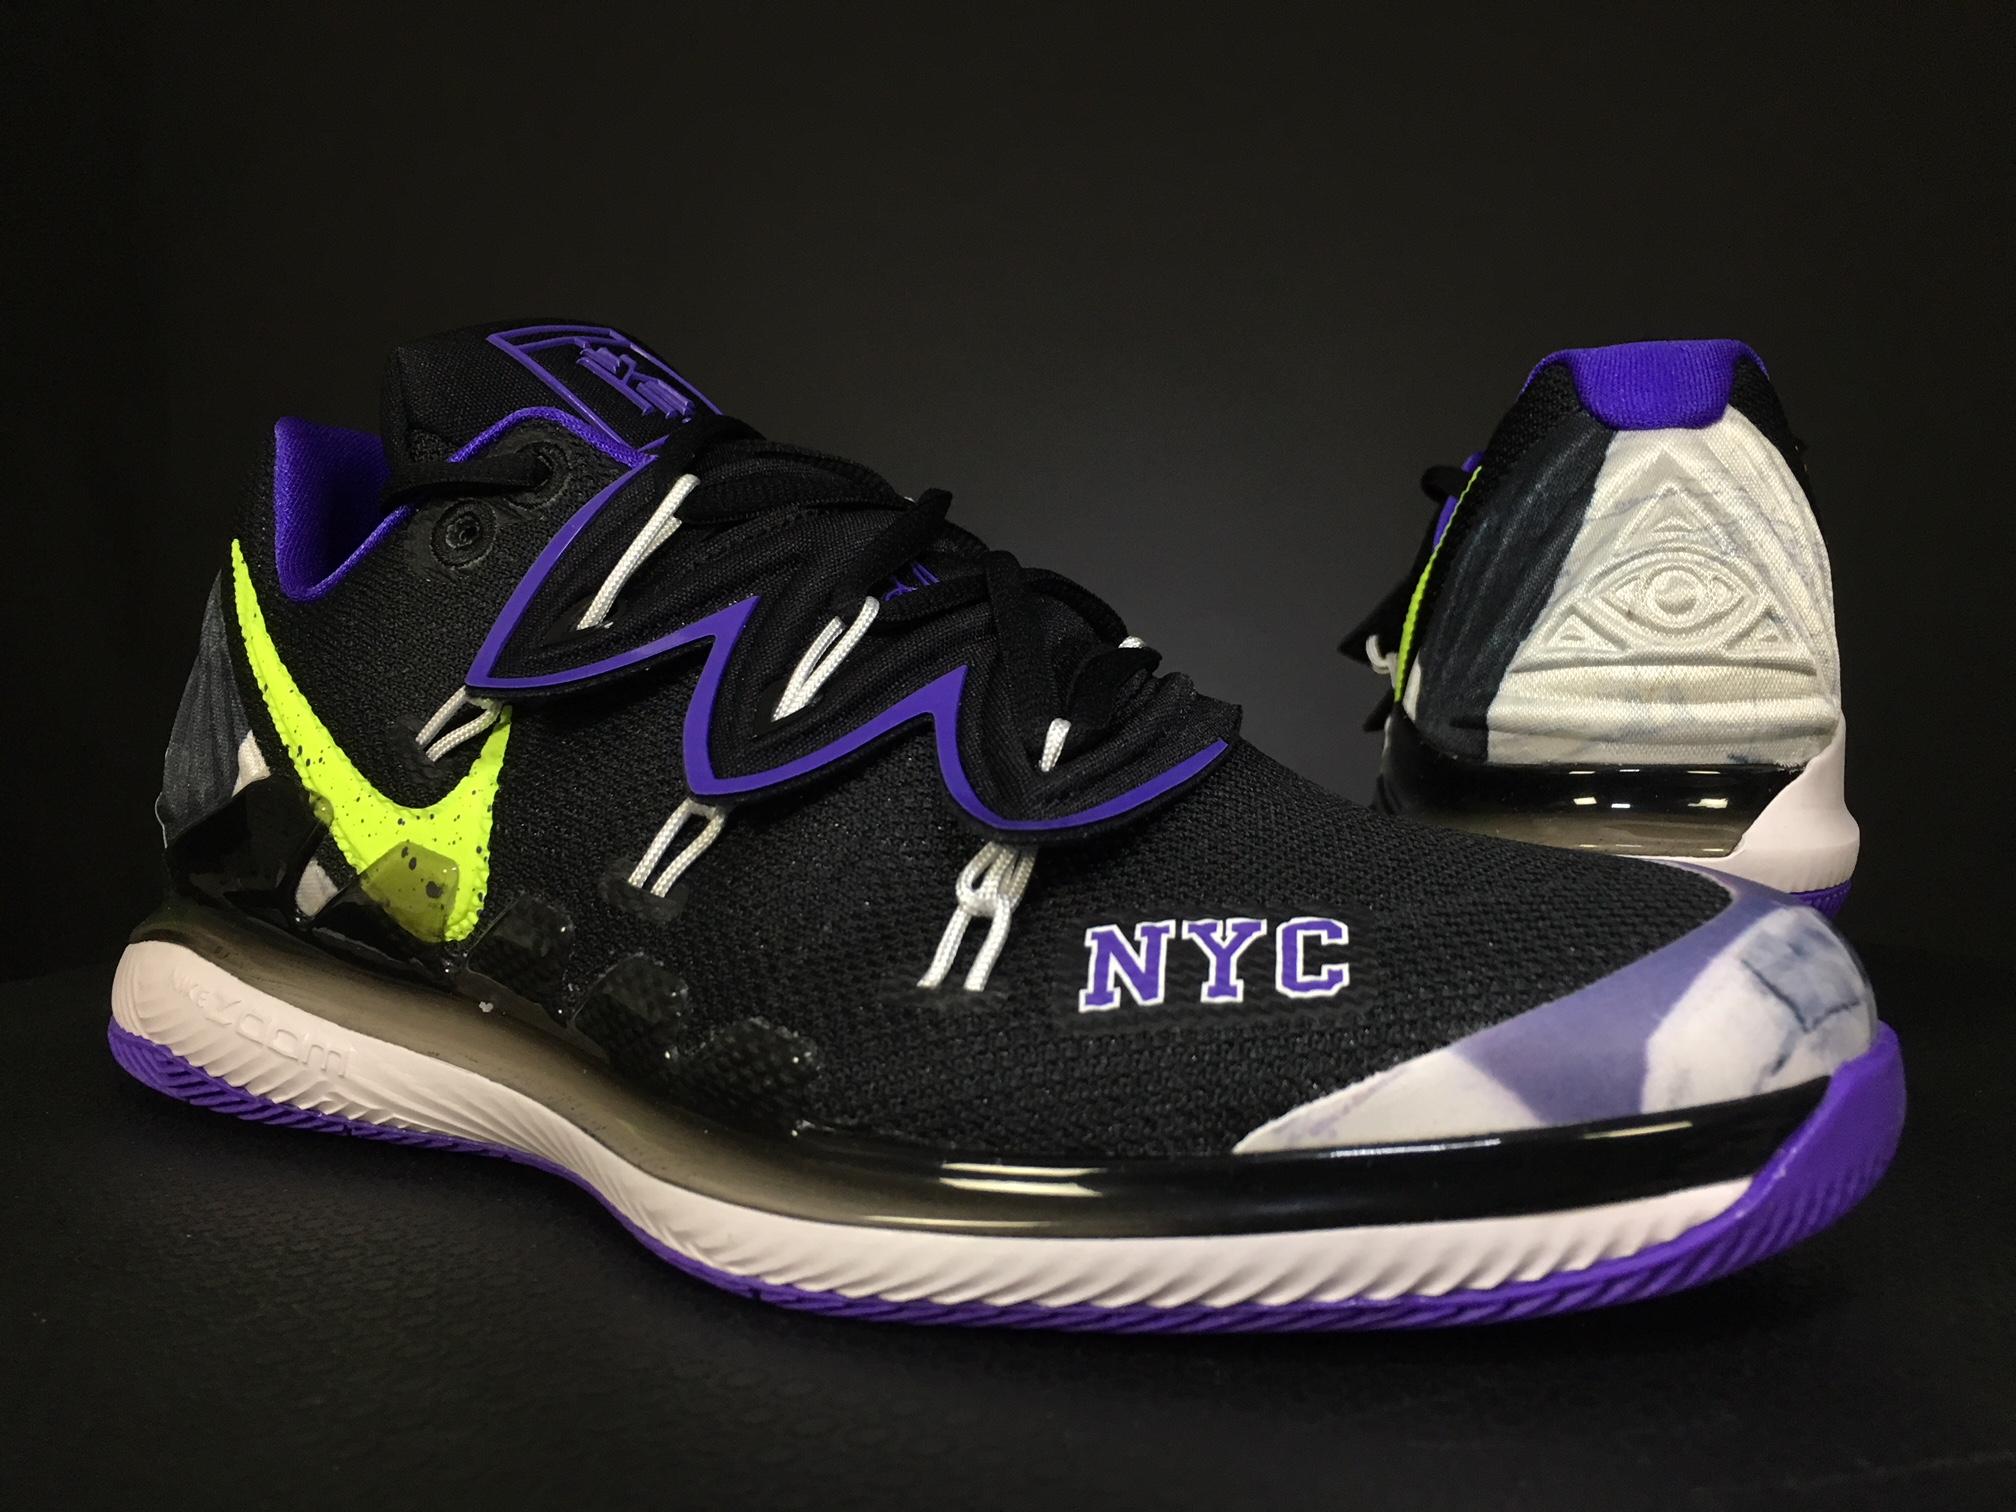 Nick Kyrgios' Vapor X Kyrie V NYC